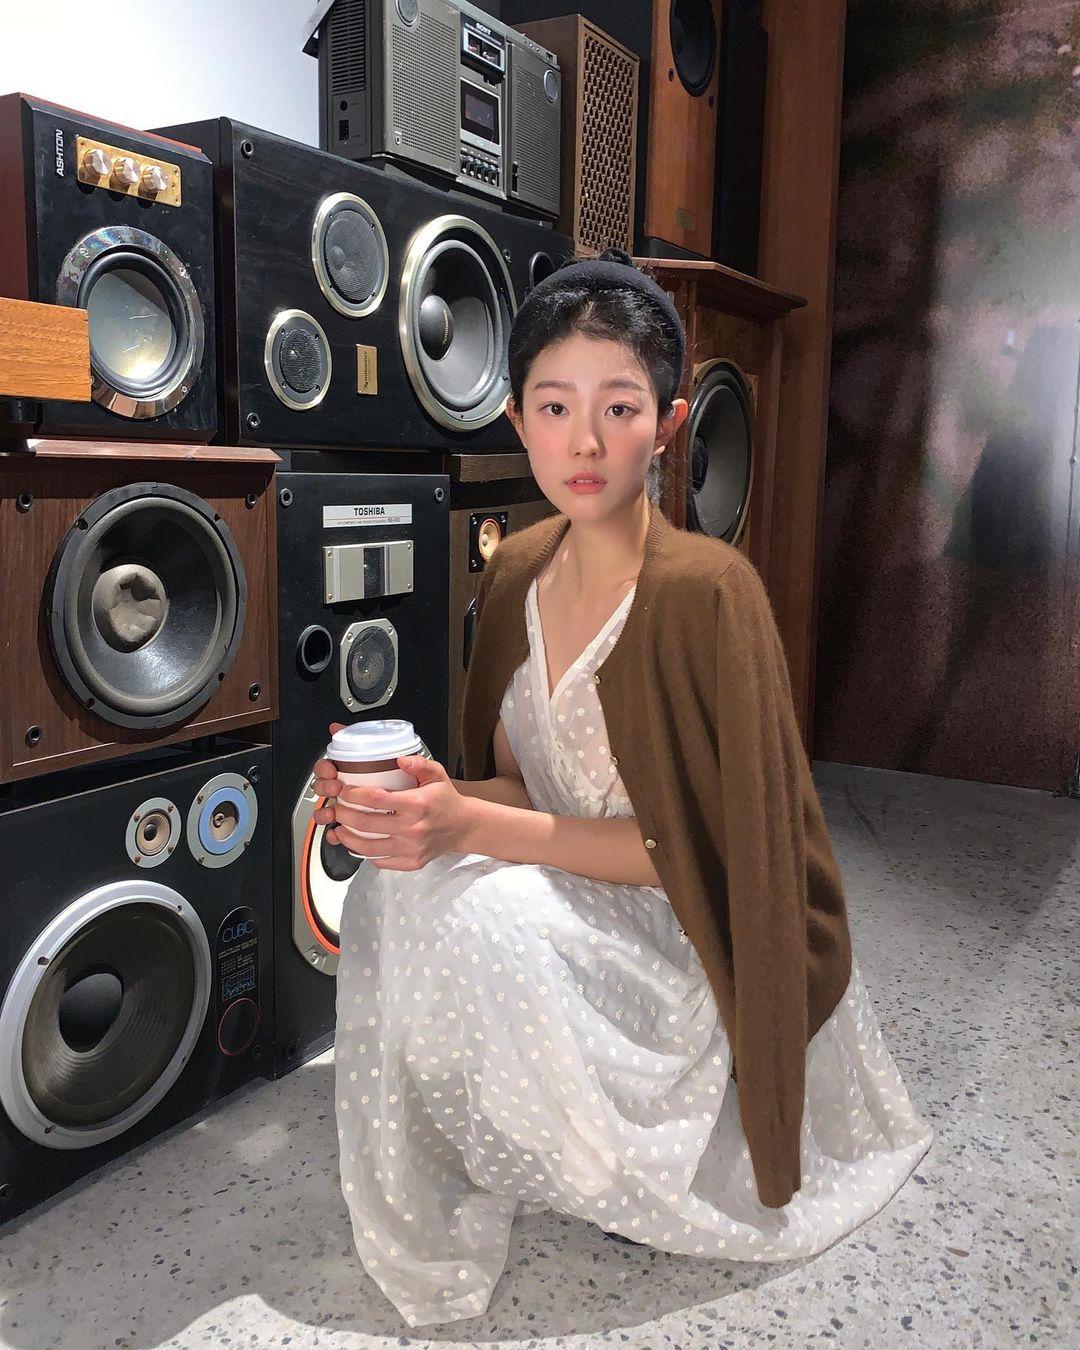 5 kiểu áo cứ khoác ngoài váy trắng là tạo nên set đồ xịn đẹp từ công sở ra phố 6